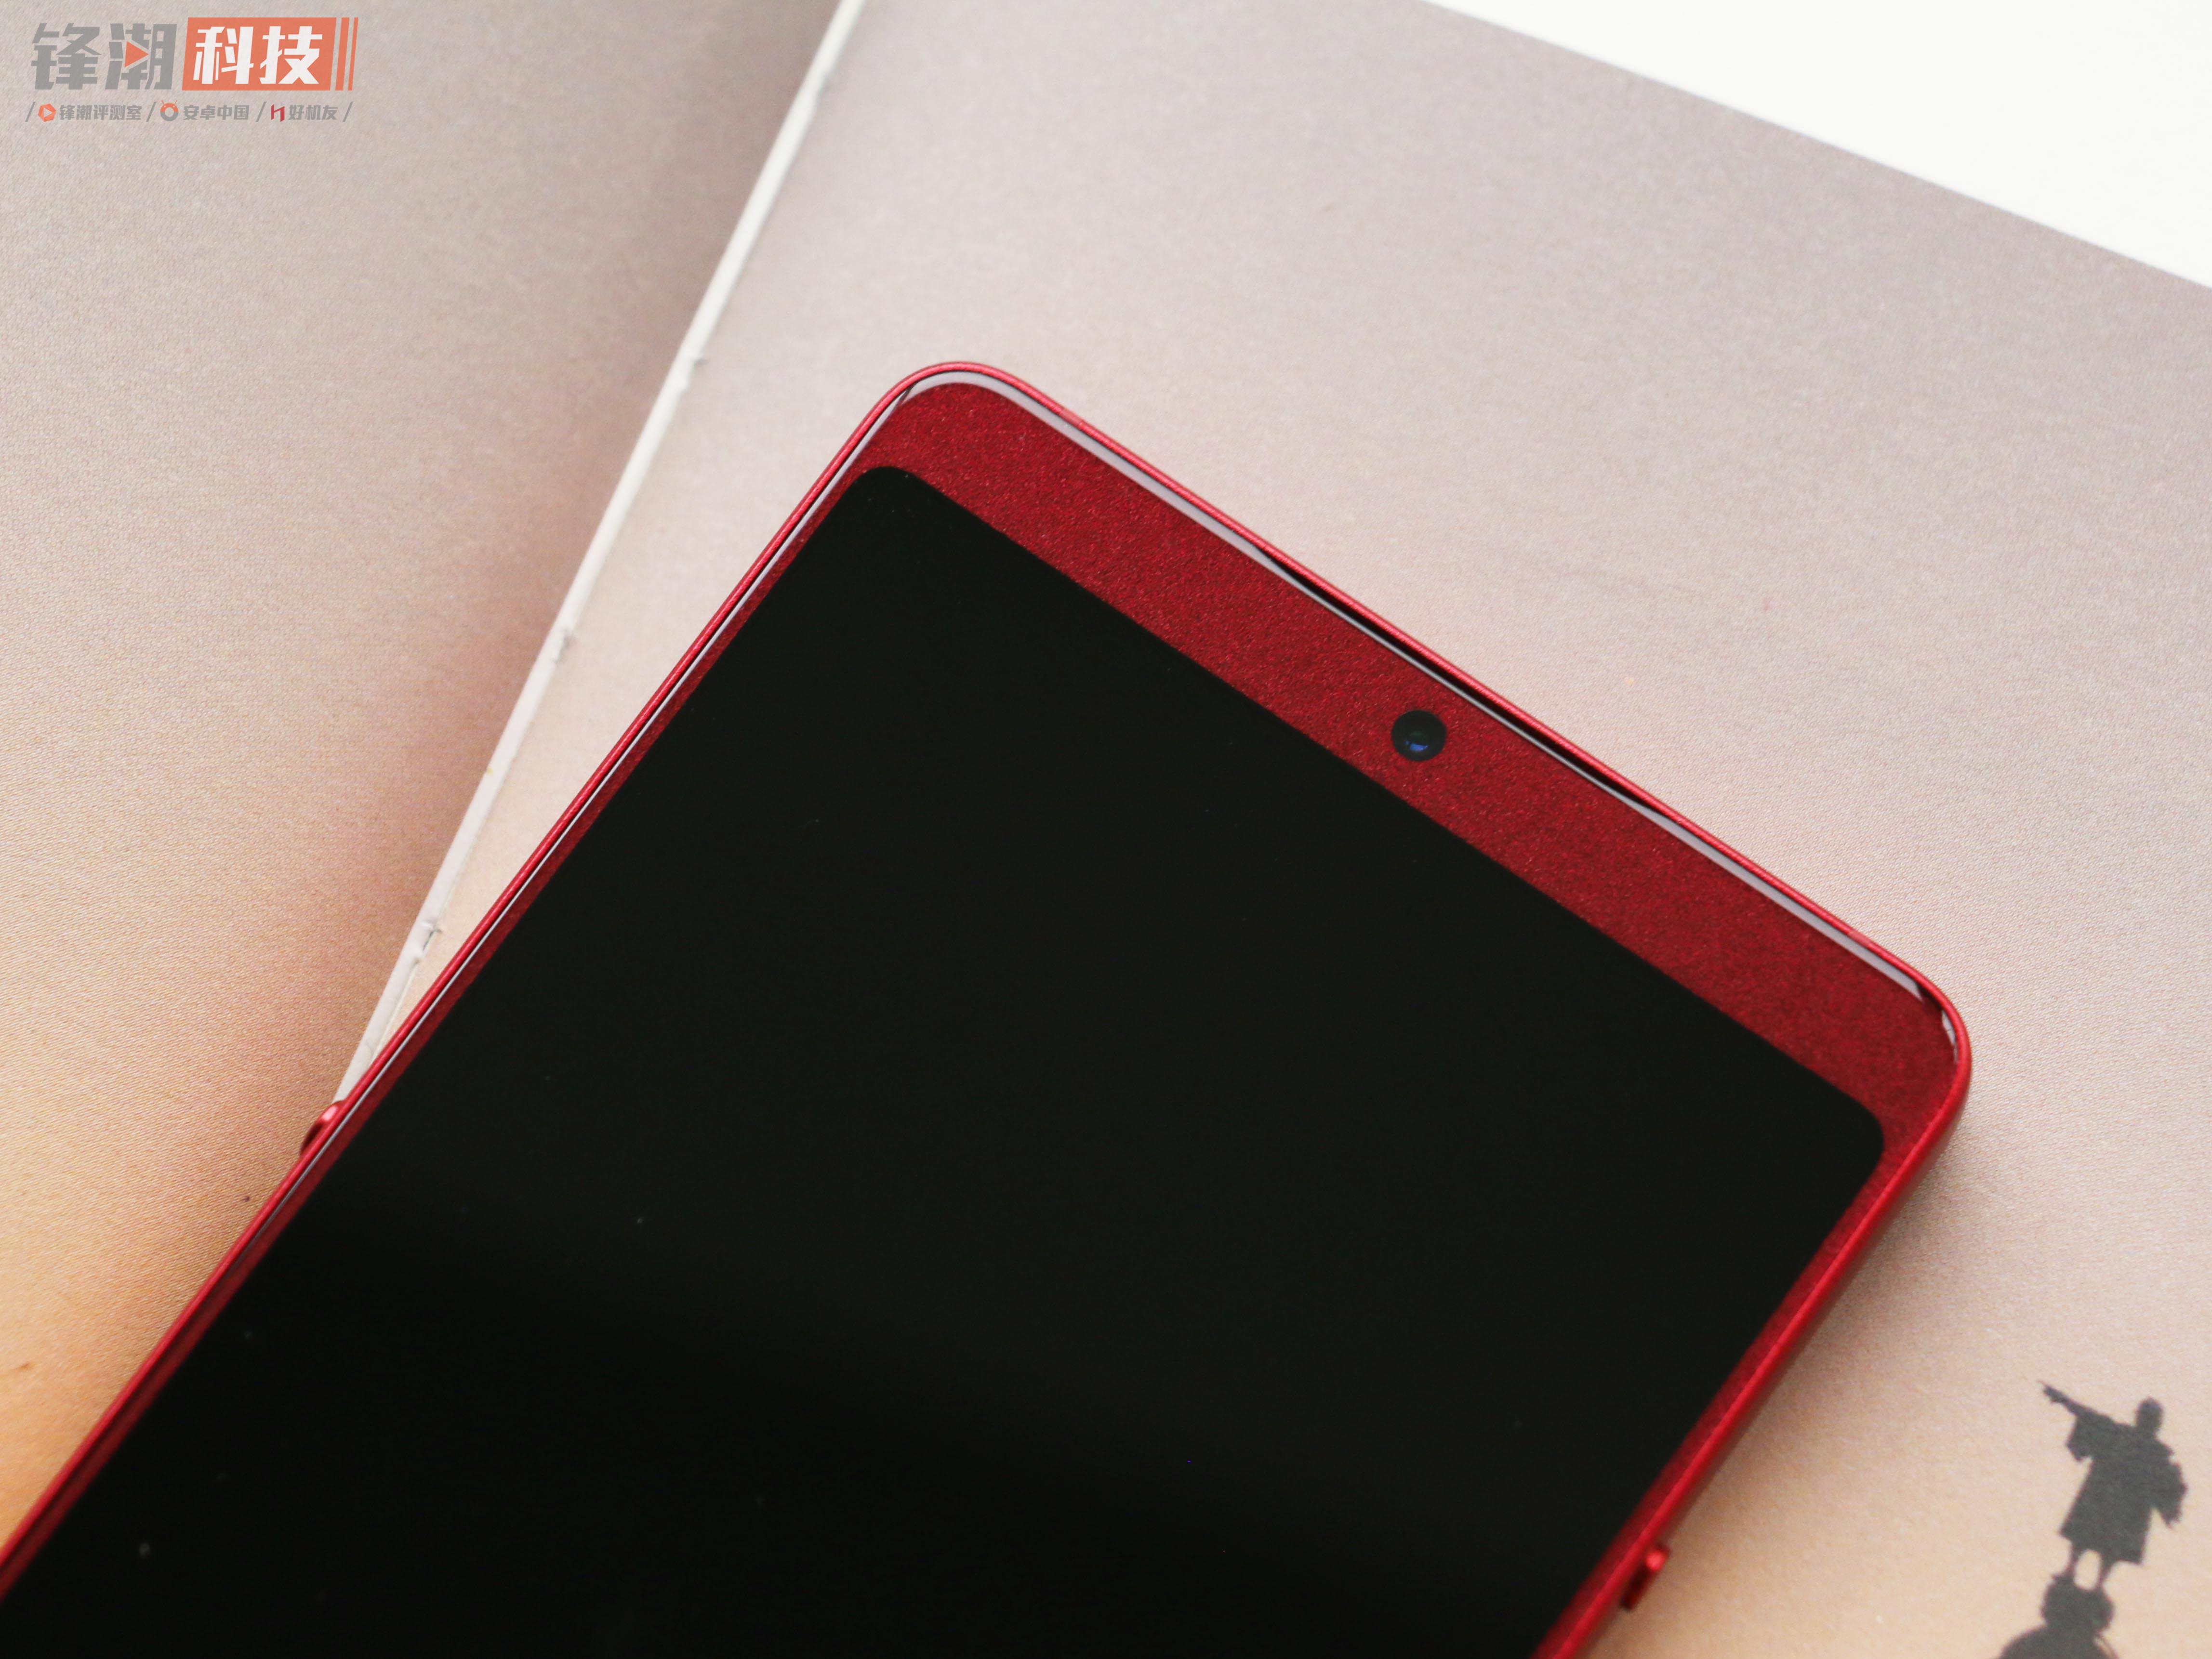 【力皮西】漂亮的不像实力派:坚果Pro 2 真机图赏